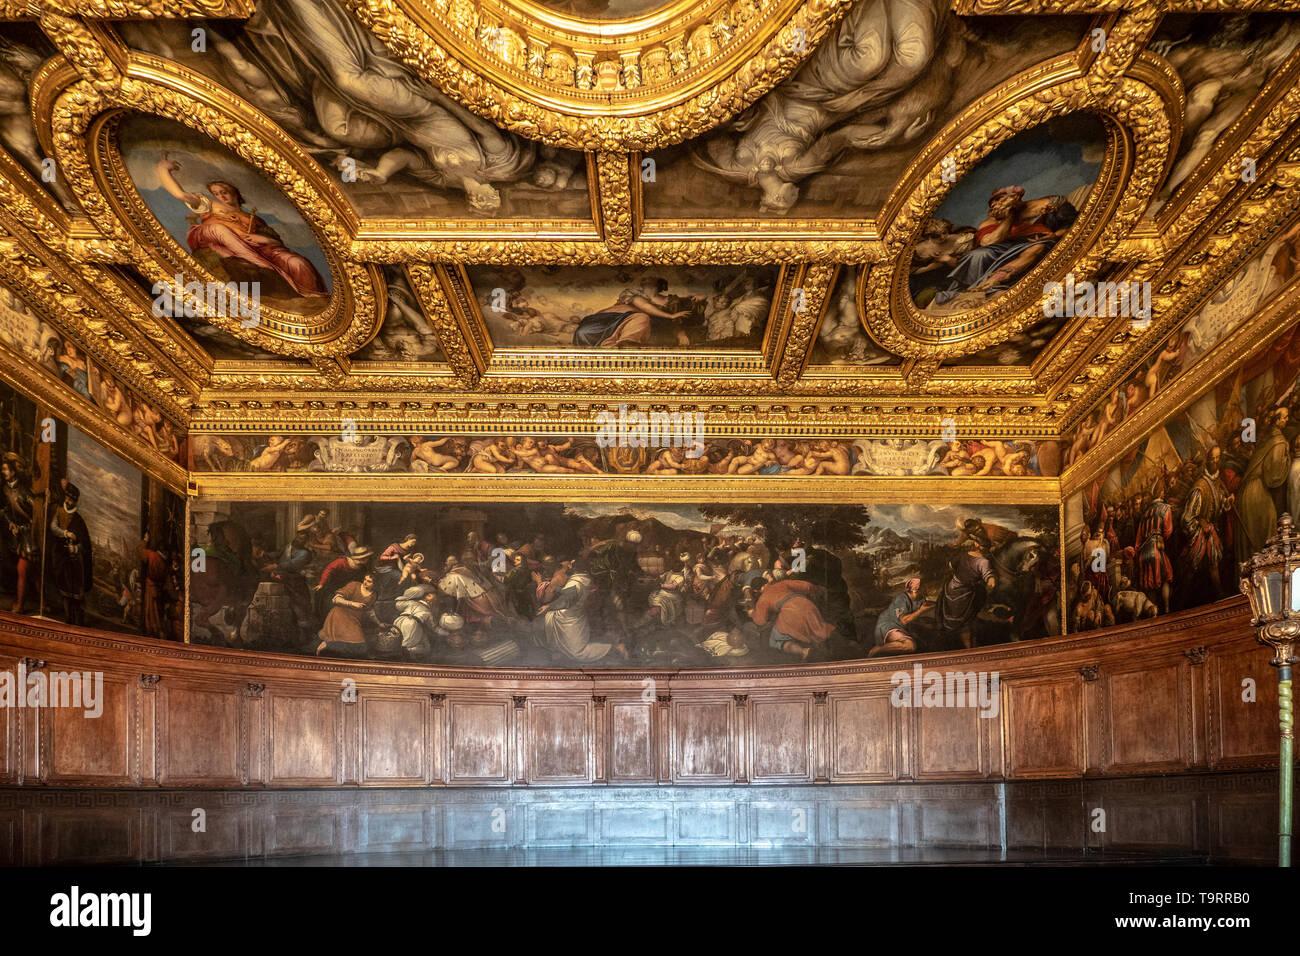 Venise, Italie - 18 Avril 2019 La Chambre du Conseil de dizaines au Palais des Doges. Détail de la peinture. Banque D'Images